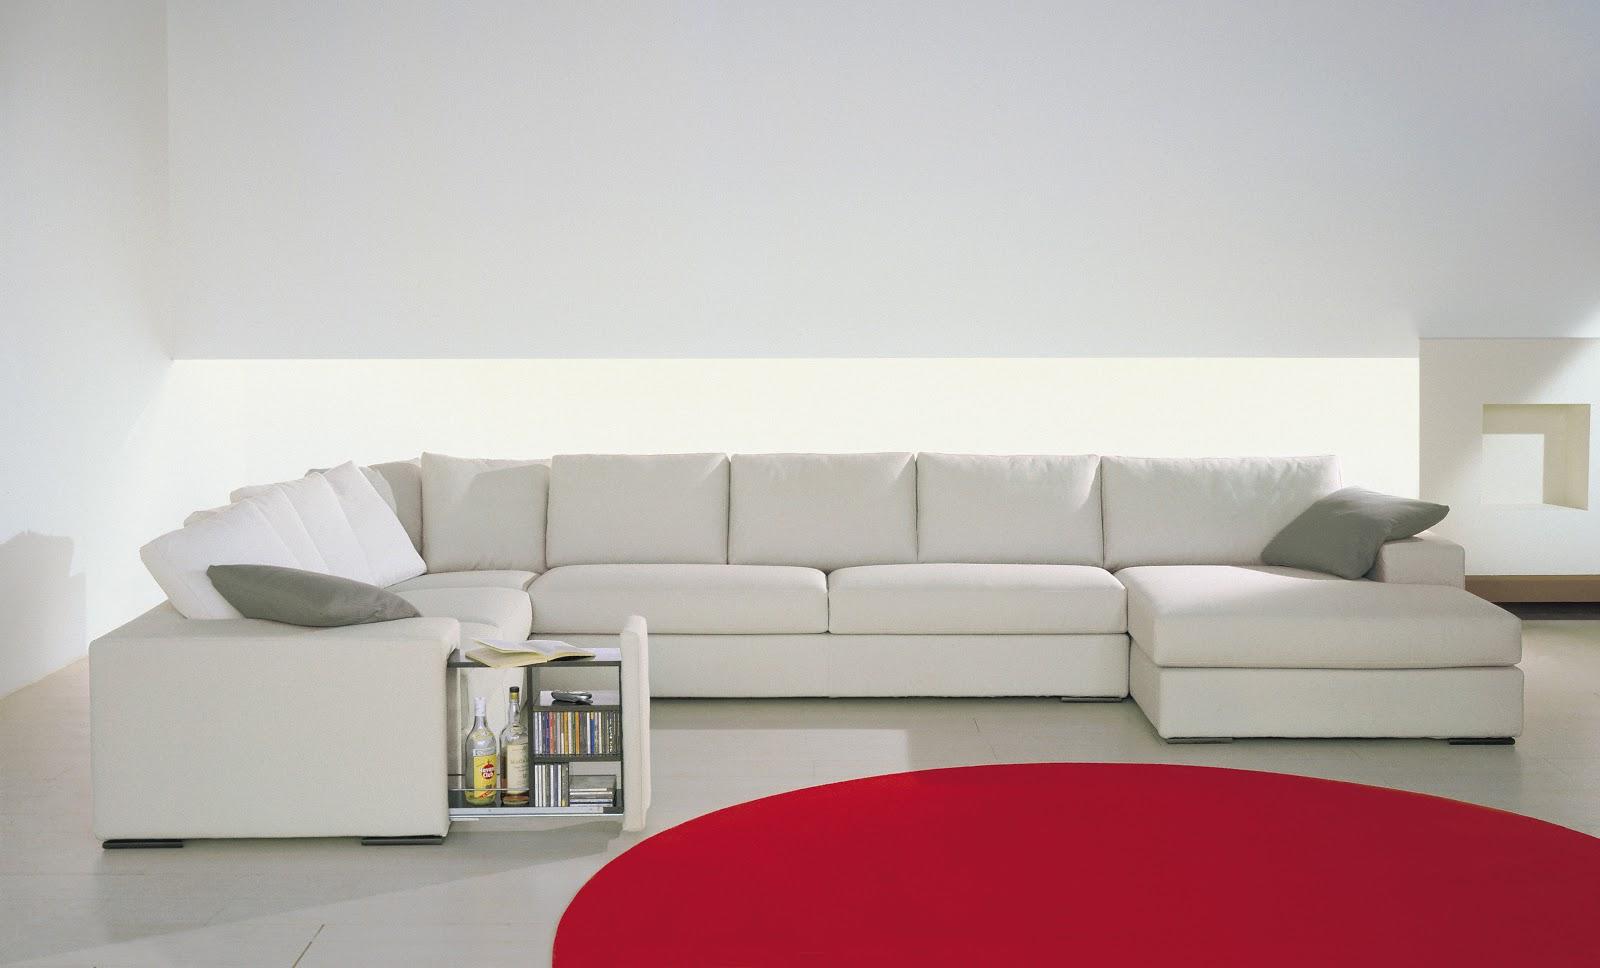 Divani e divani letto su misura divani componibili e angolari su misura for Divani e divani divani letto